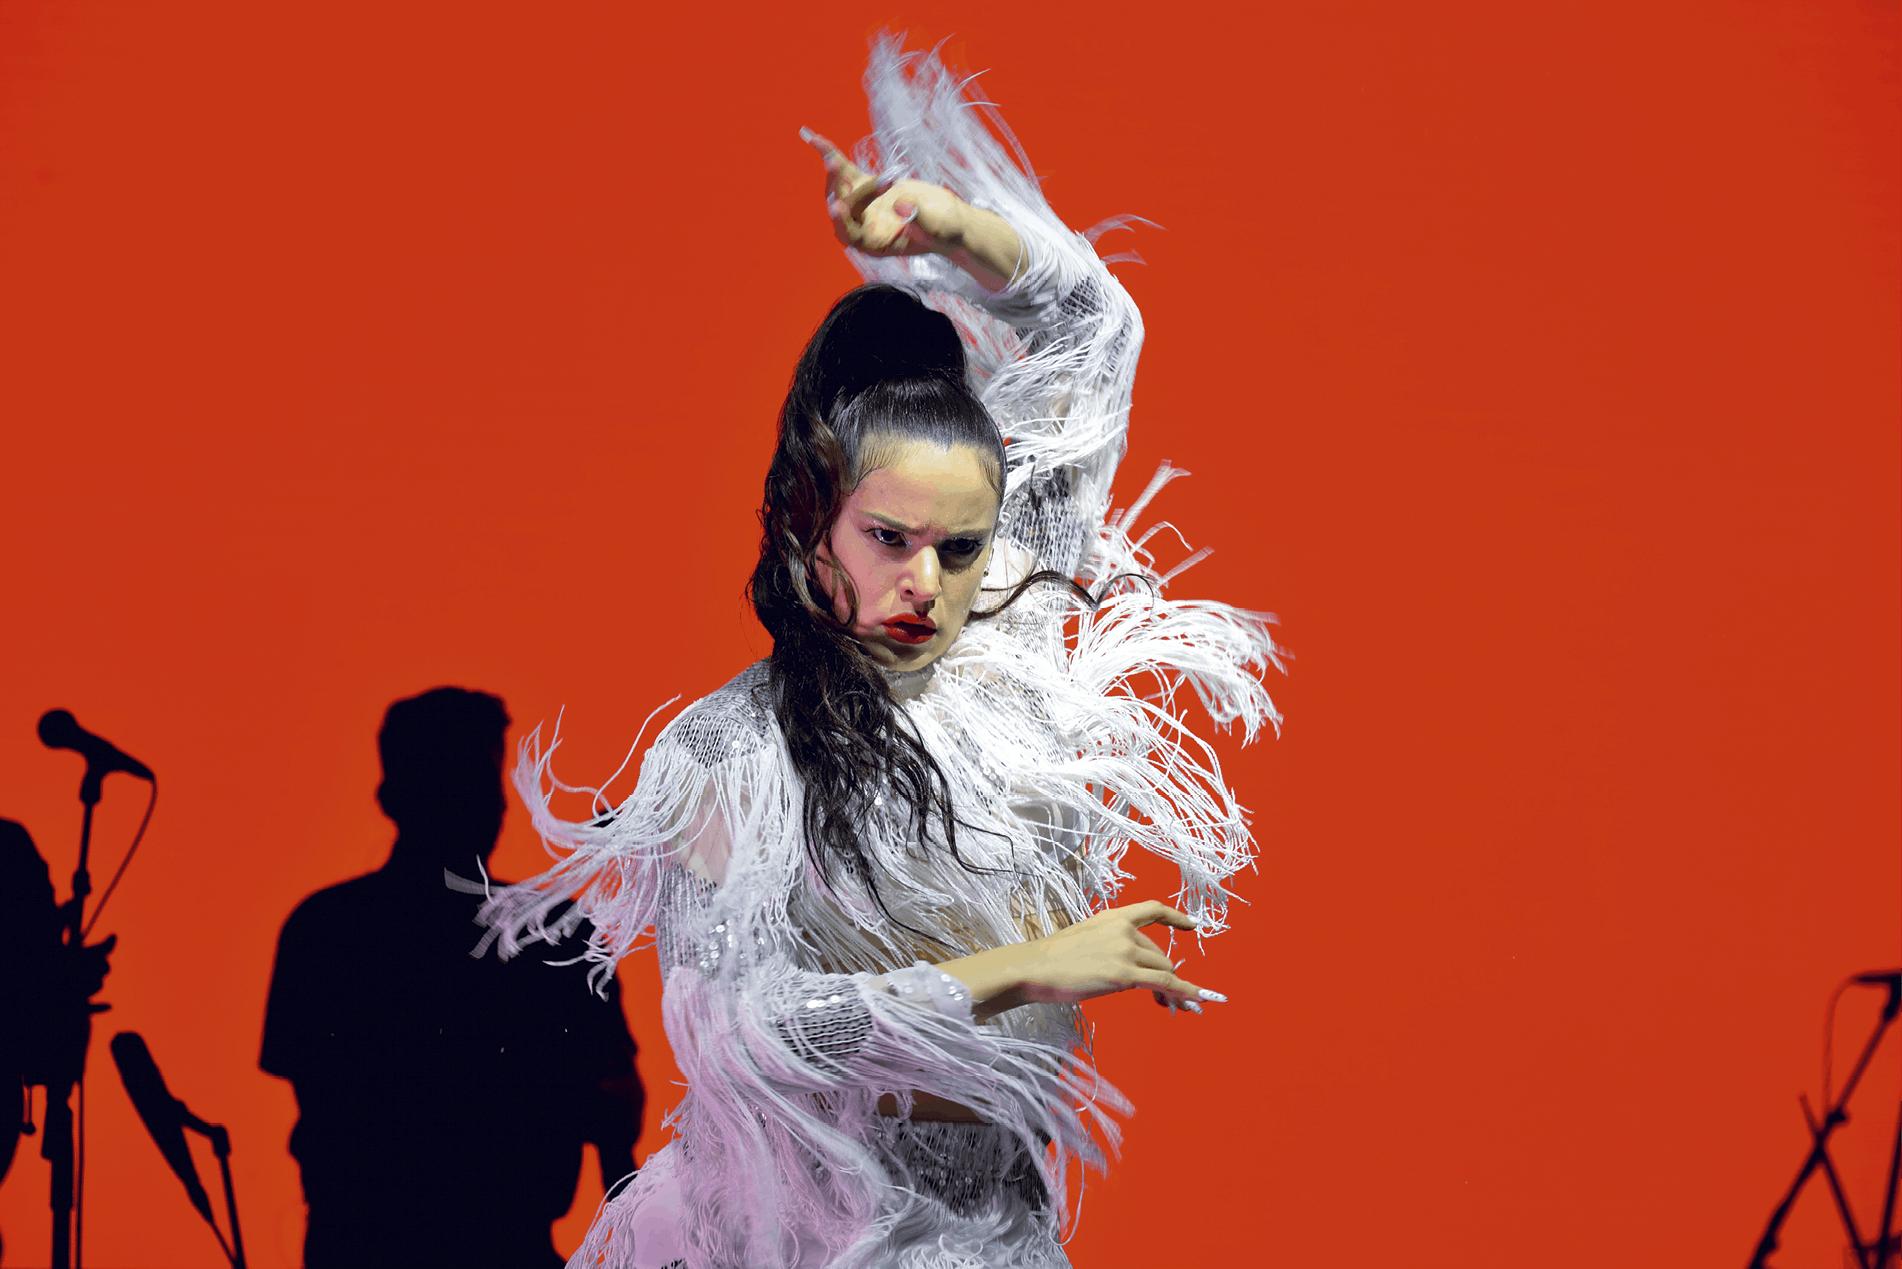 Concierto de Rosalía en el festival Sónar, Barcelona, 2018